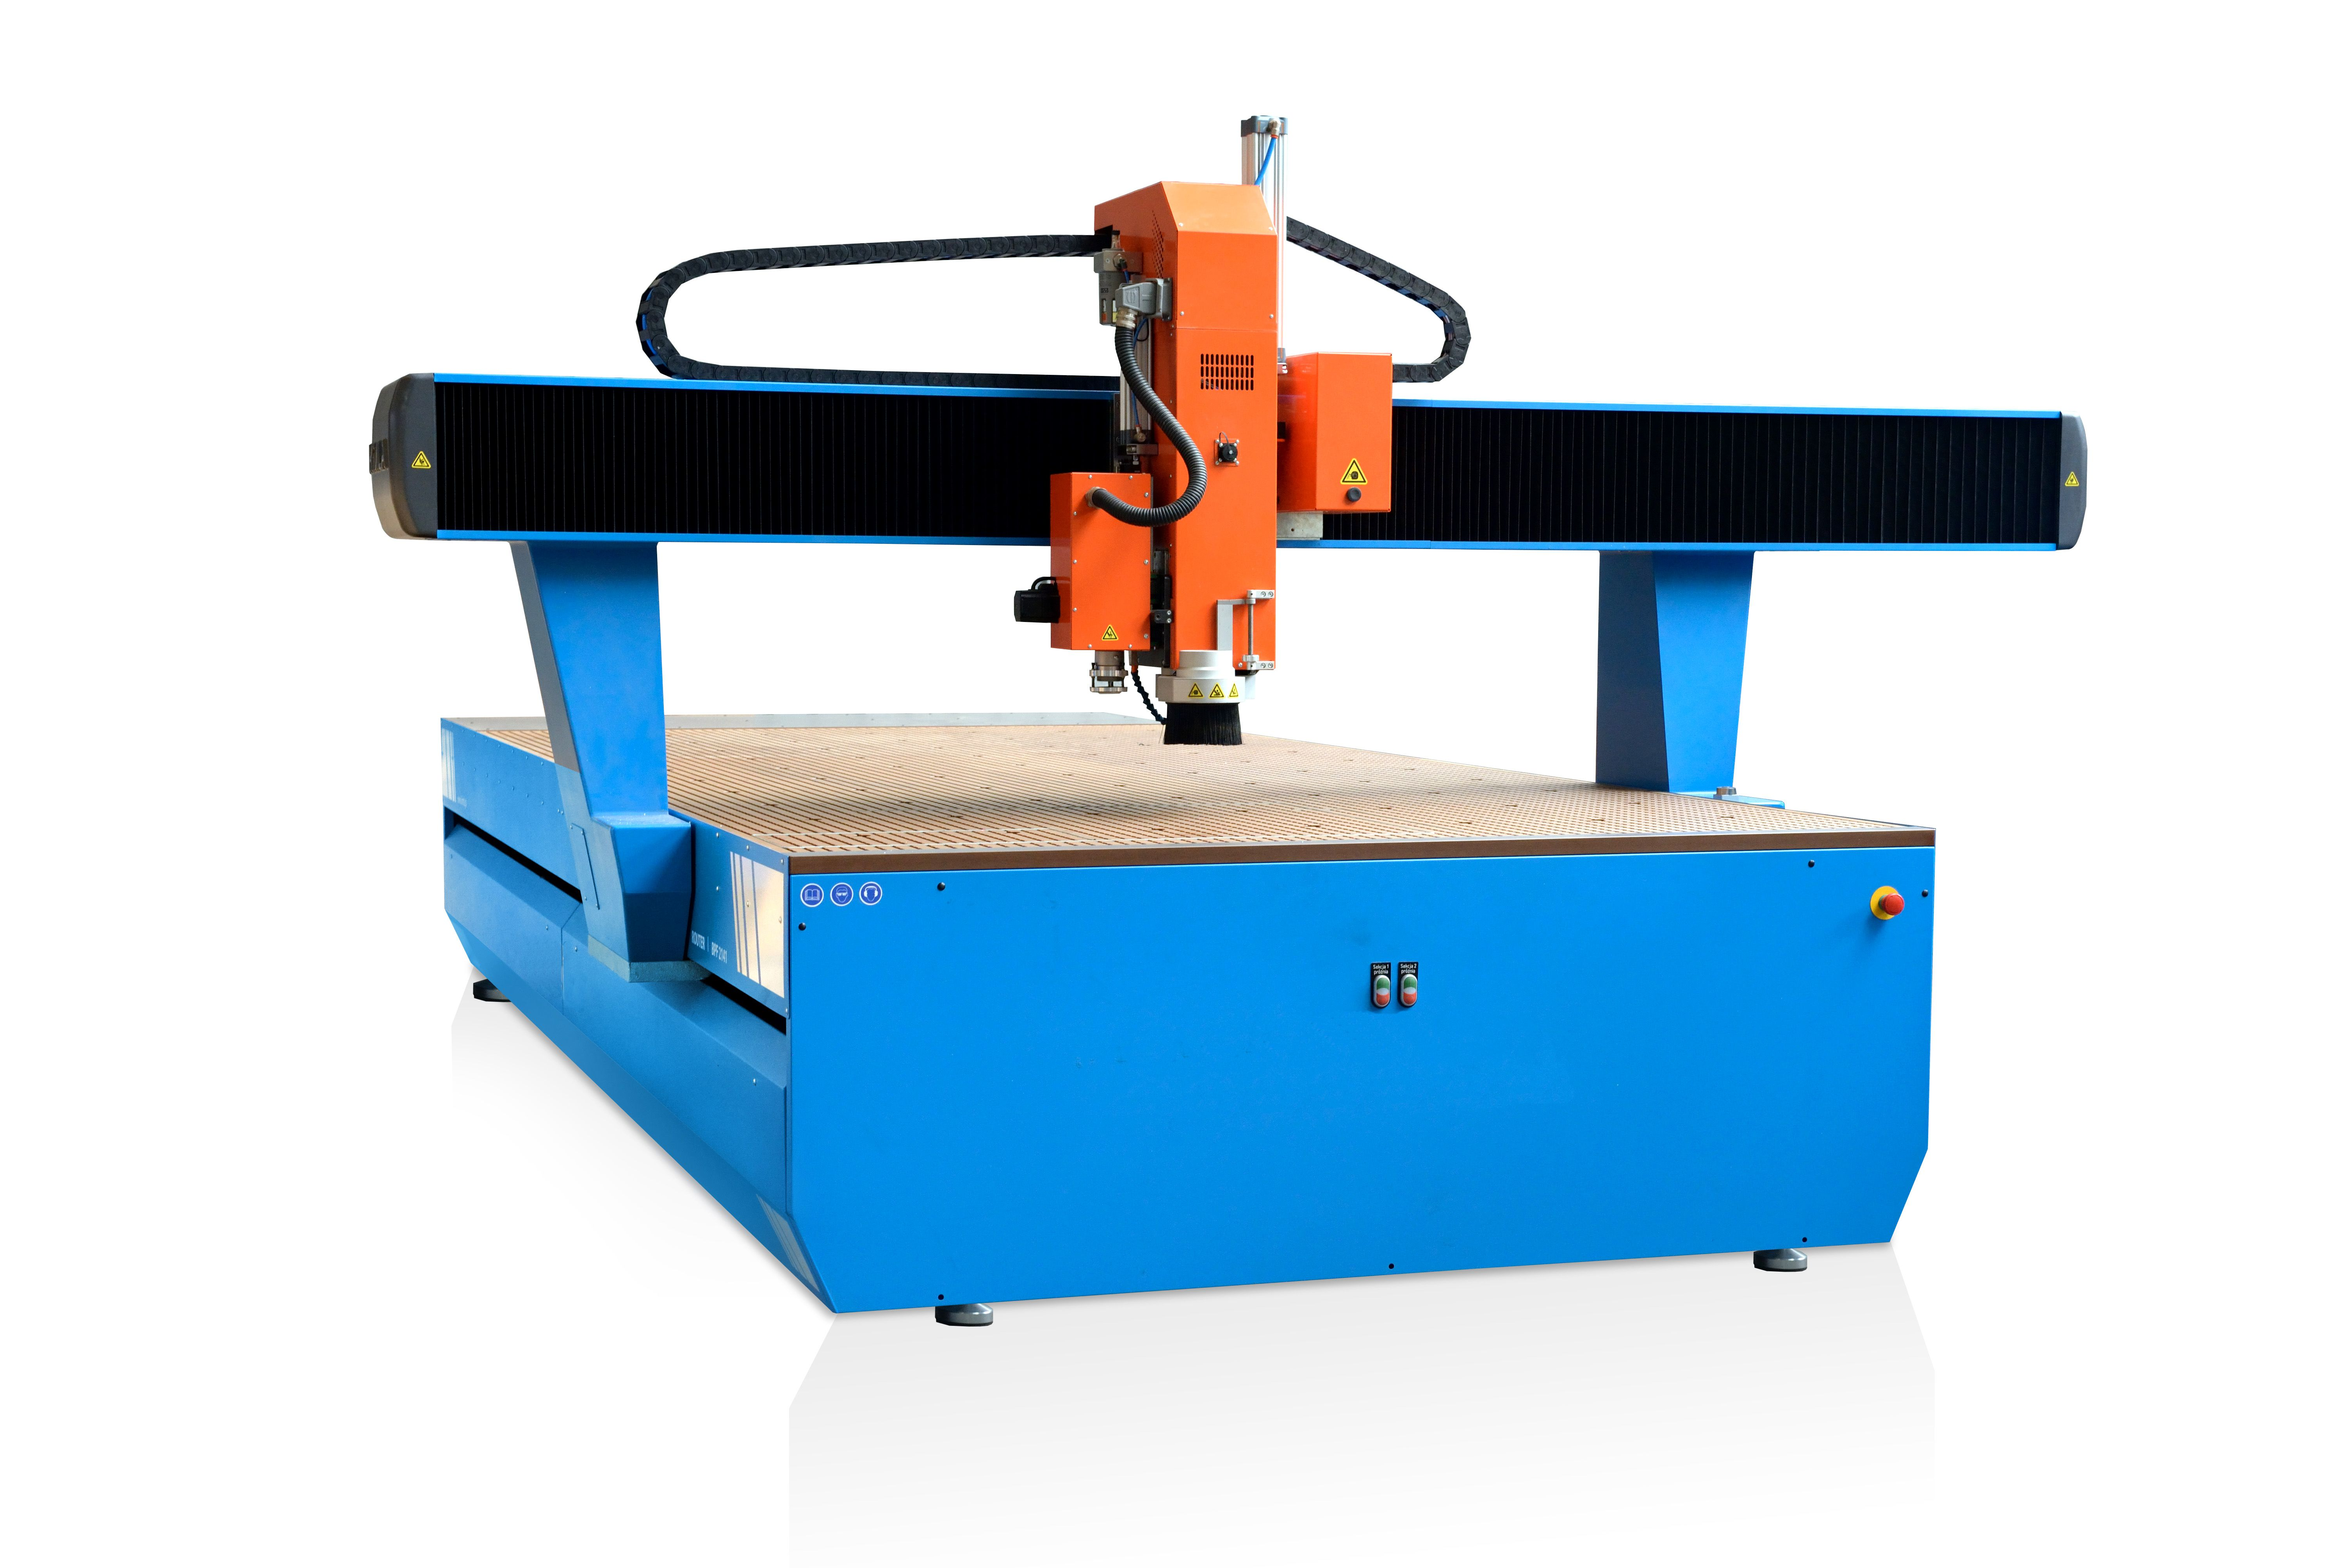 Tvarové řezání, vyřezávání, frézování CNC plotrem s oscilačním nožem a frézovací hlavou ve 2,5D. Vho...